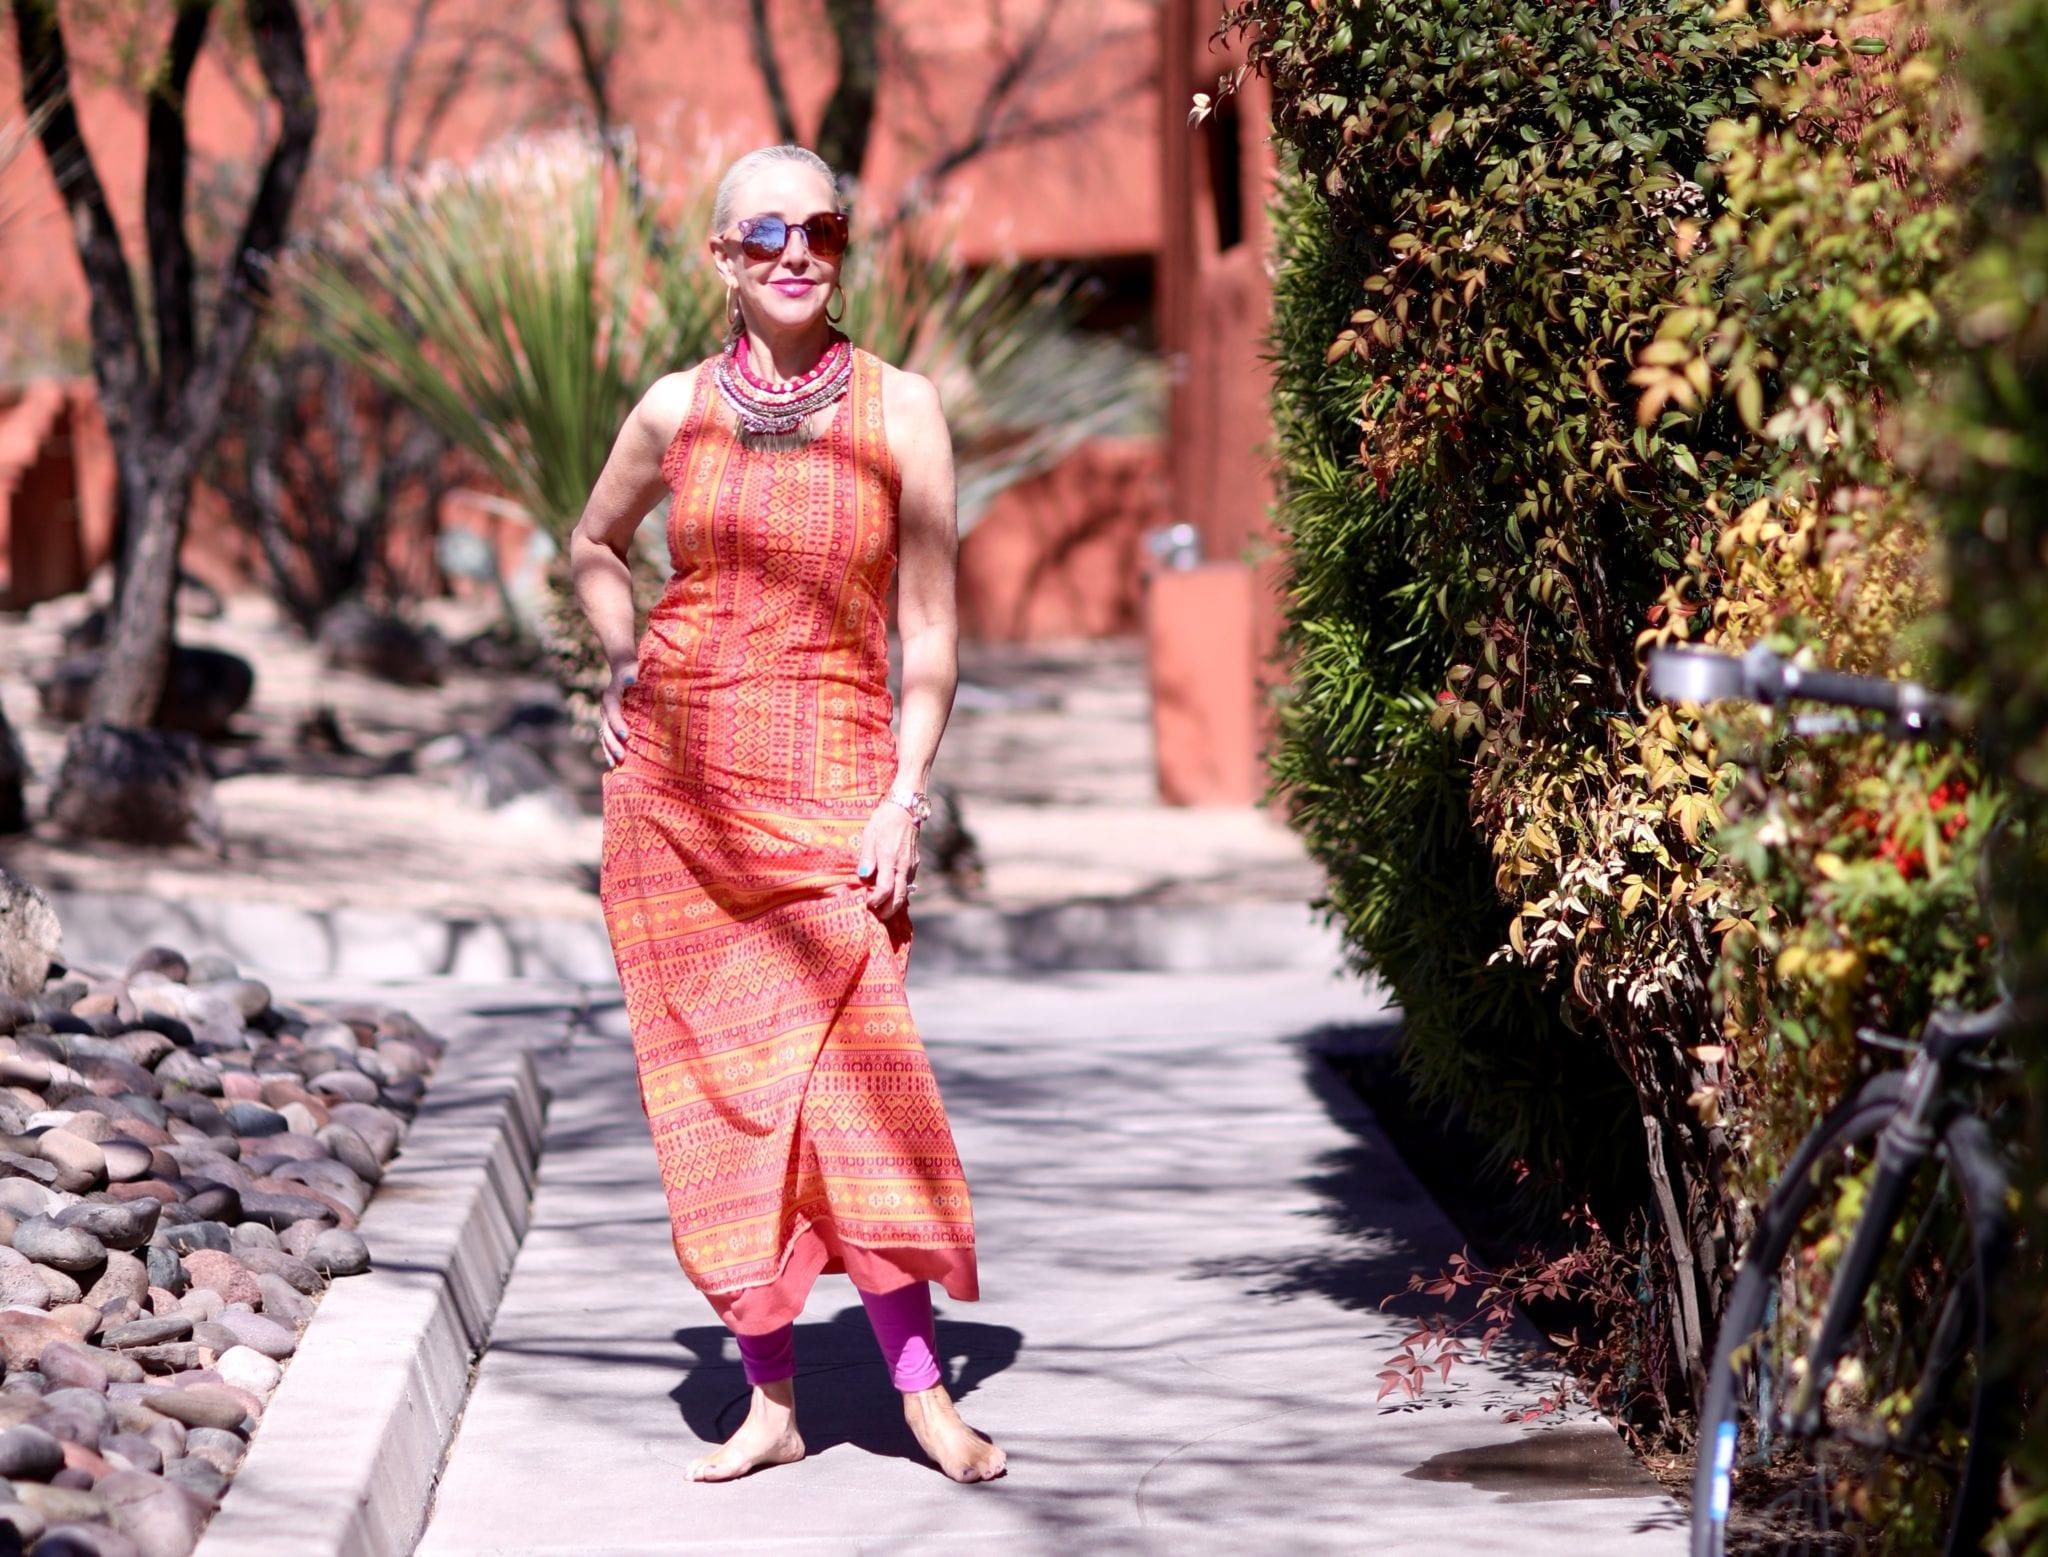 Kuhl, resort wear, spa wear, bohemian outfit, leisure wear